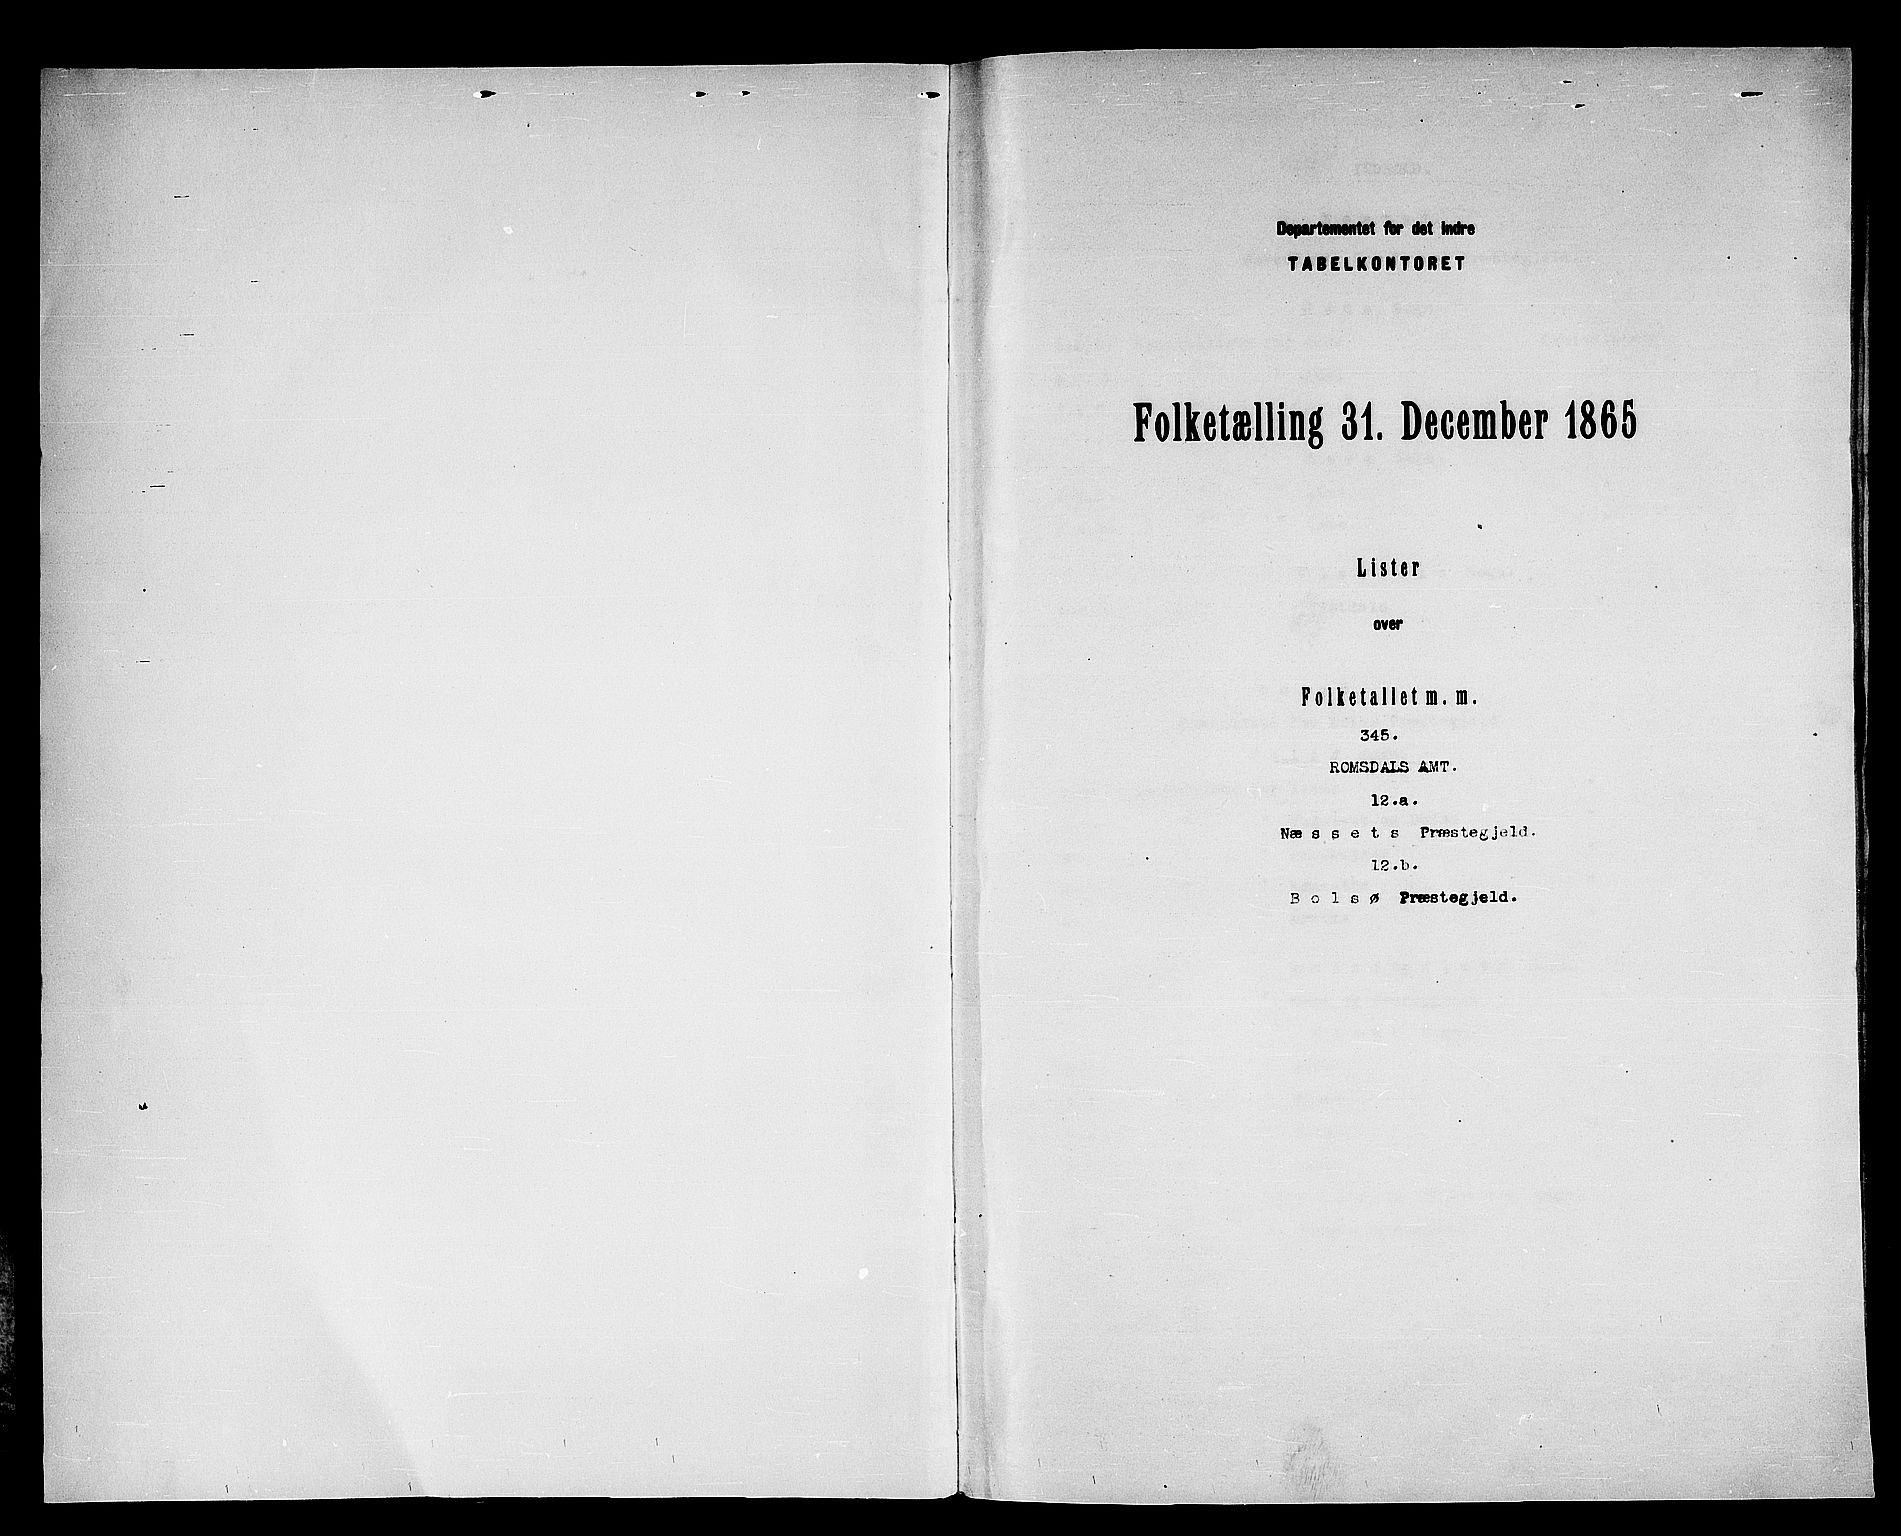 RA, Folketelling 1865 for 1543P Nesset prestegjeld, 1865, s. 3